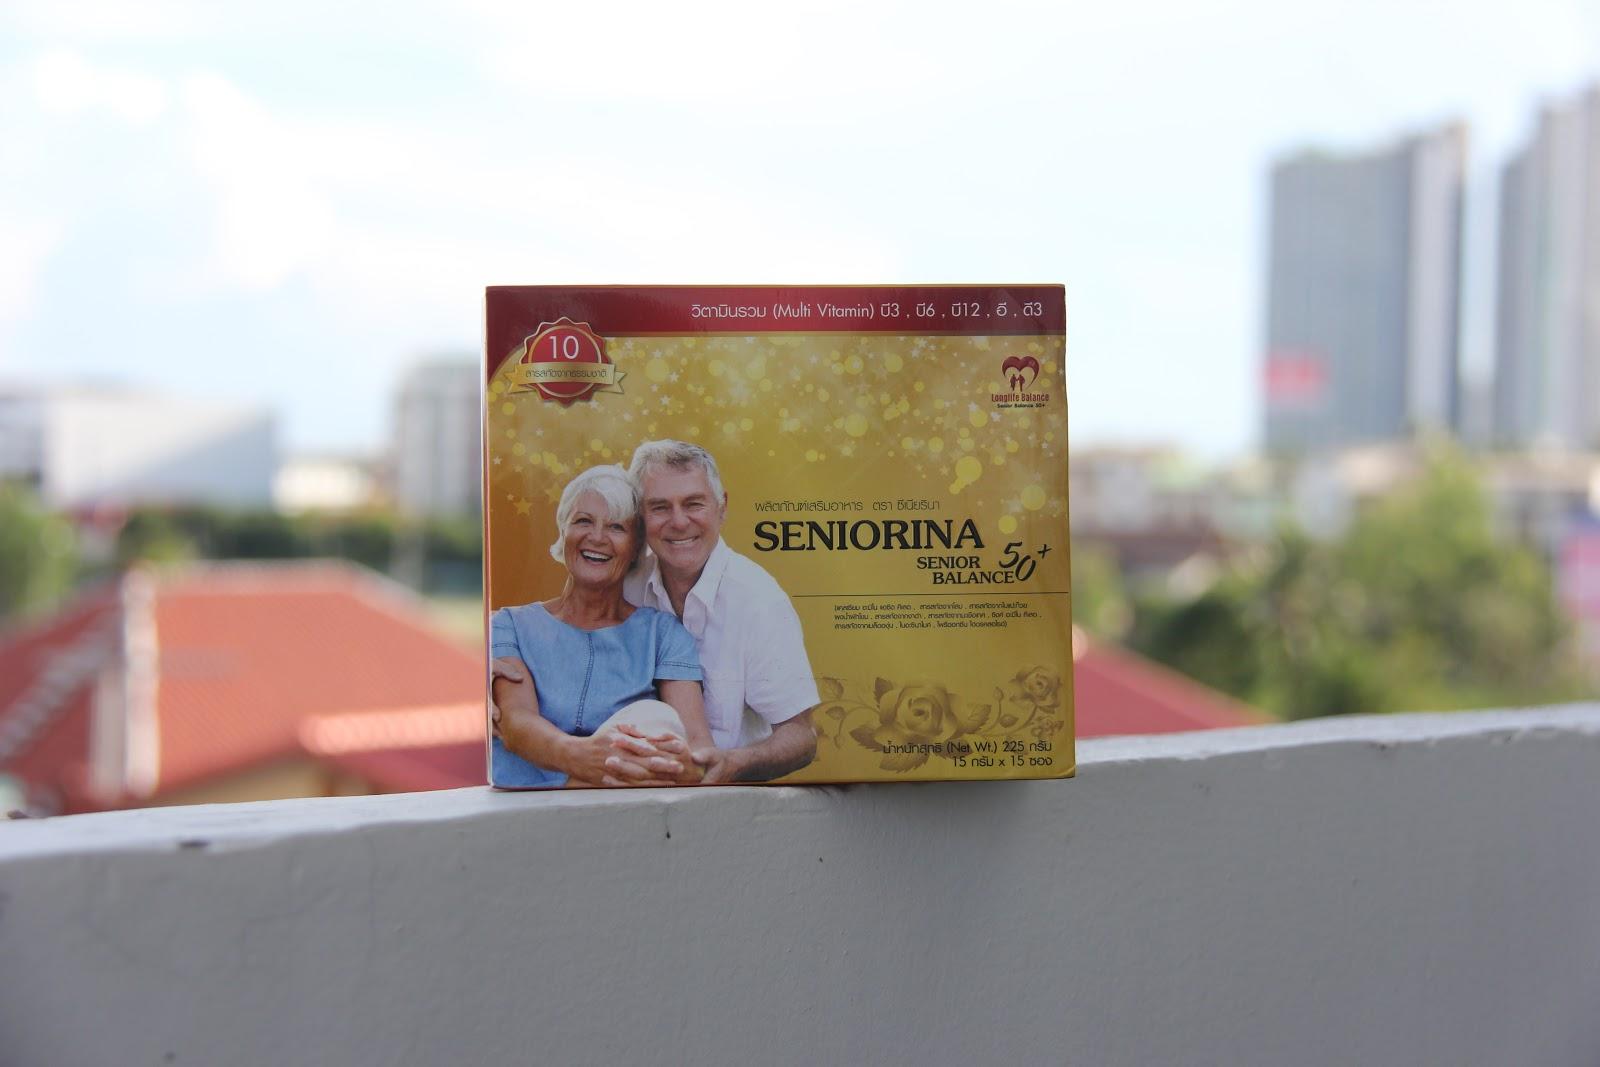 ใครว่าสุขภาพดีไม่มีขาย กล่องนี้คุณยายปลื้มมากกับ อาหารเสริมผู้สูงอายุ seniorina จาก Senior Balance